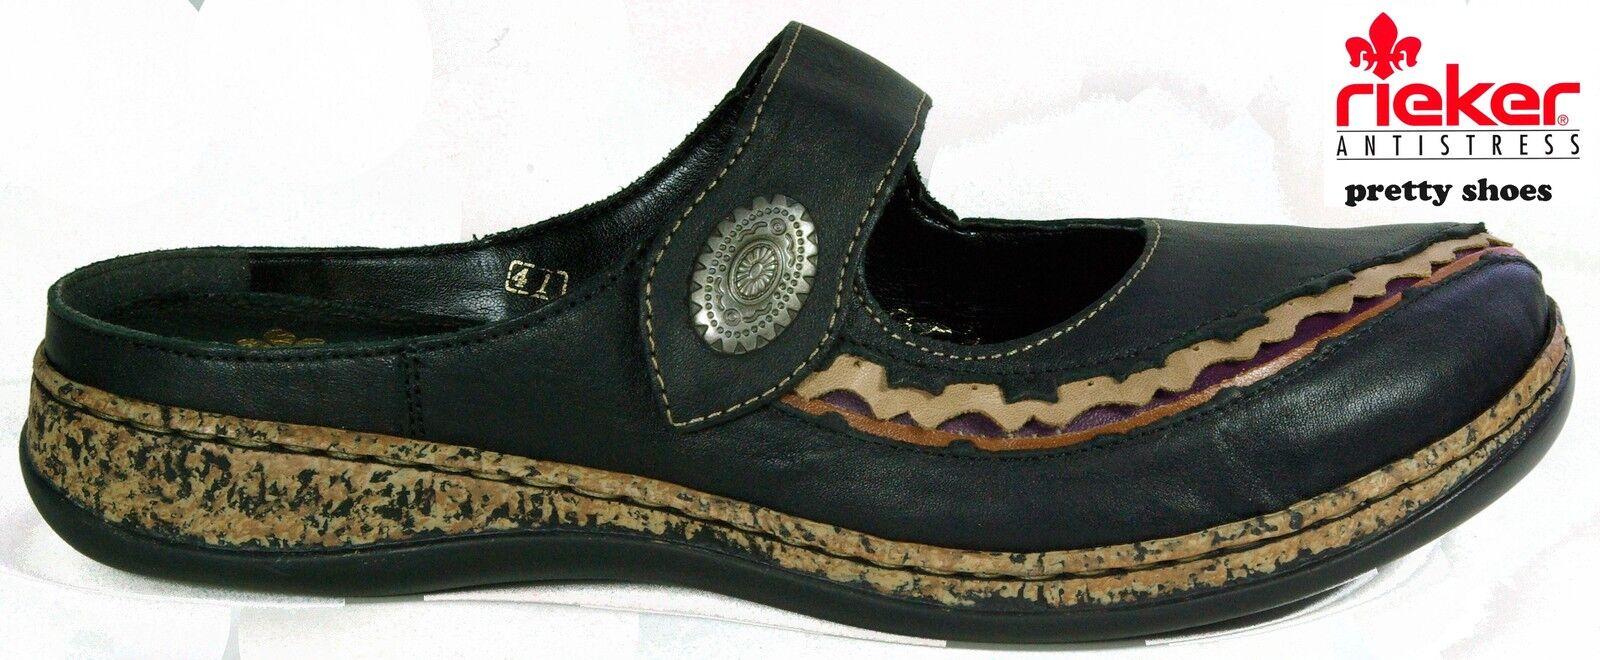 RIEKER Schuhe modische Pantoletten Gr.36 echt Leder schwarz Klettverschluss NEU